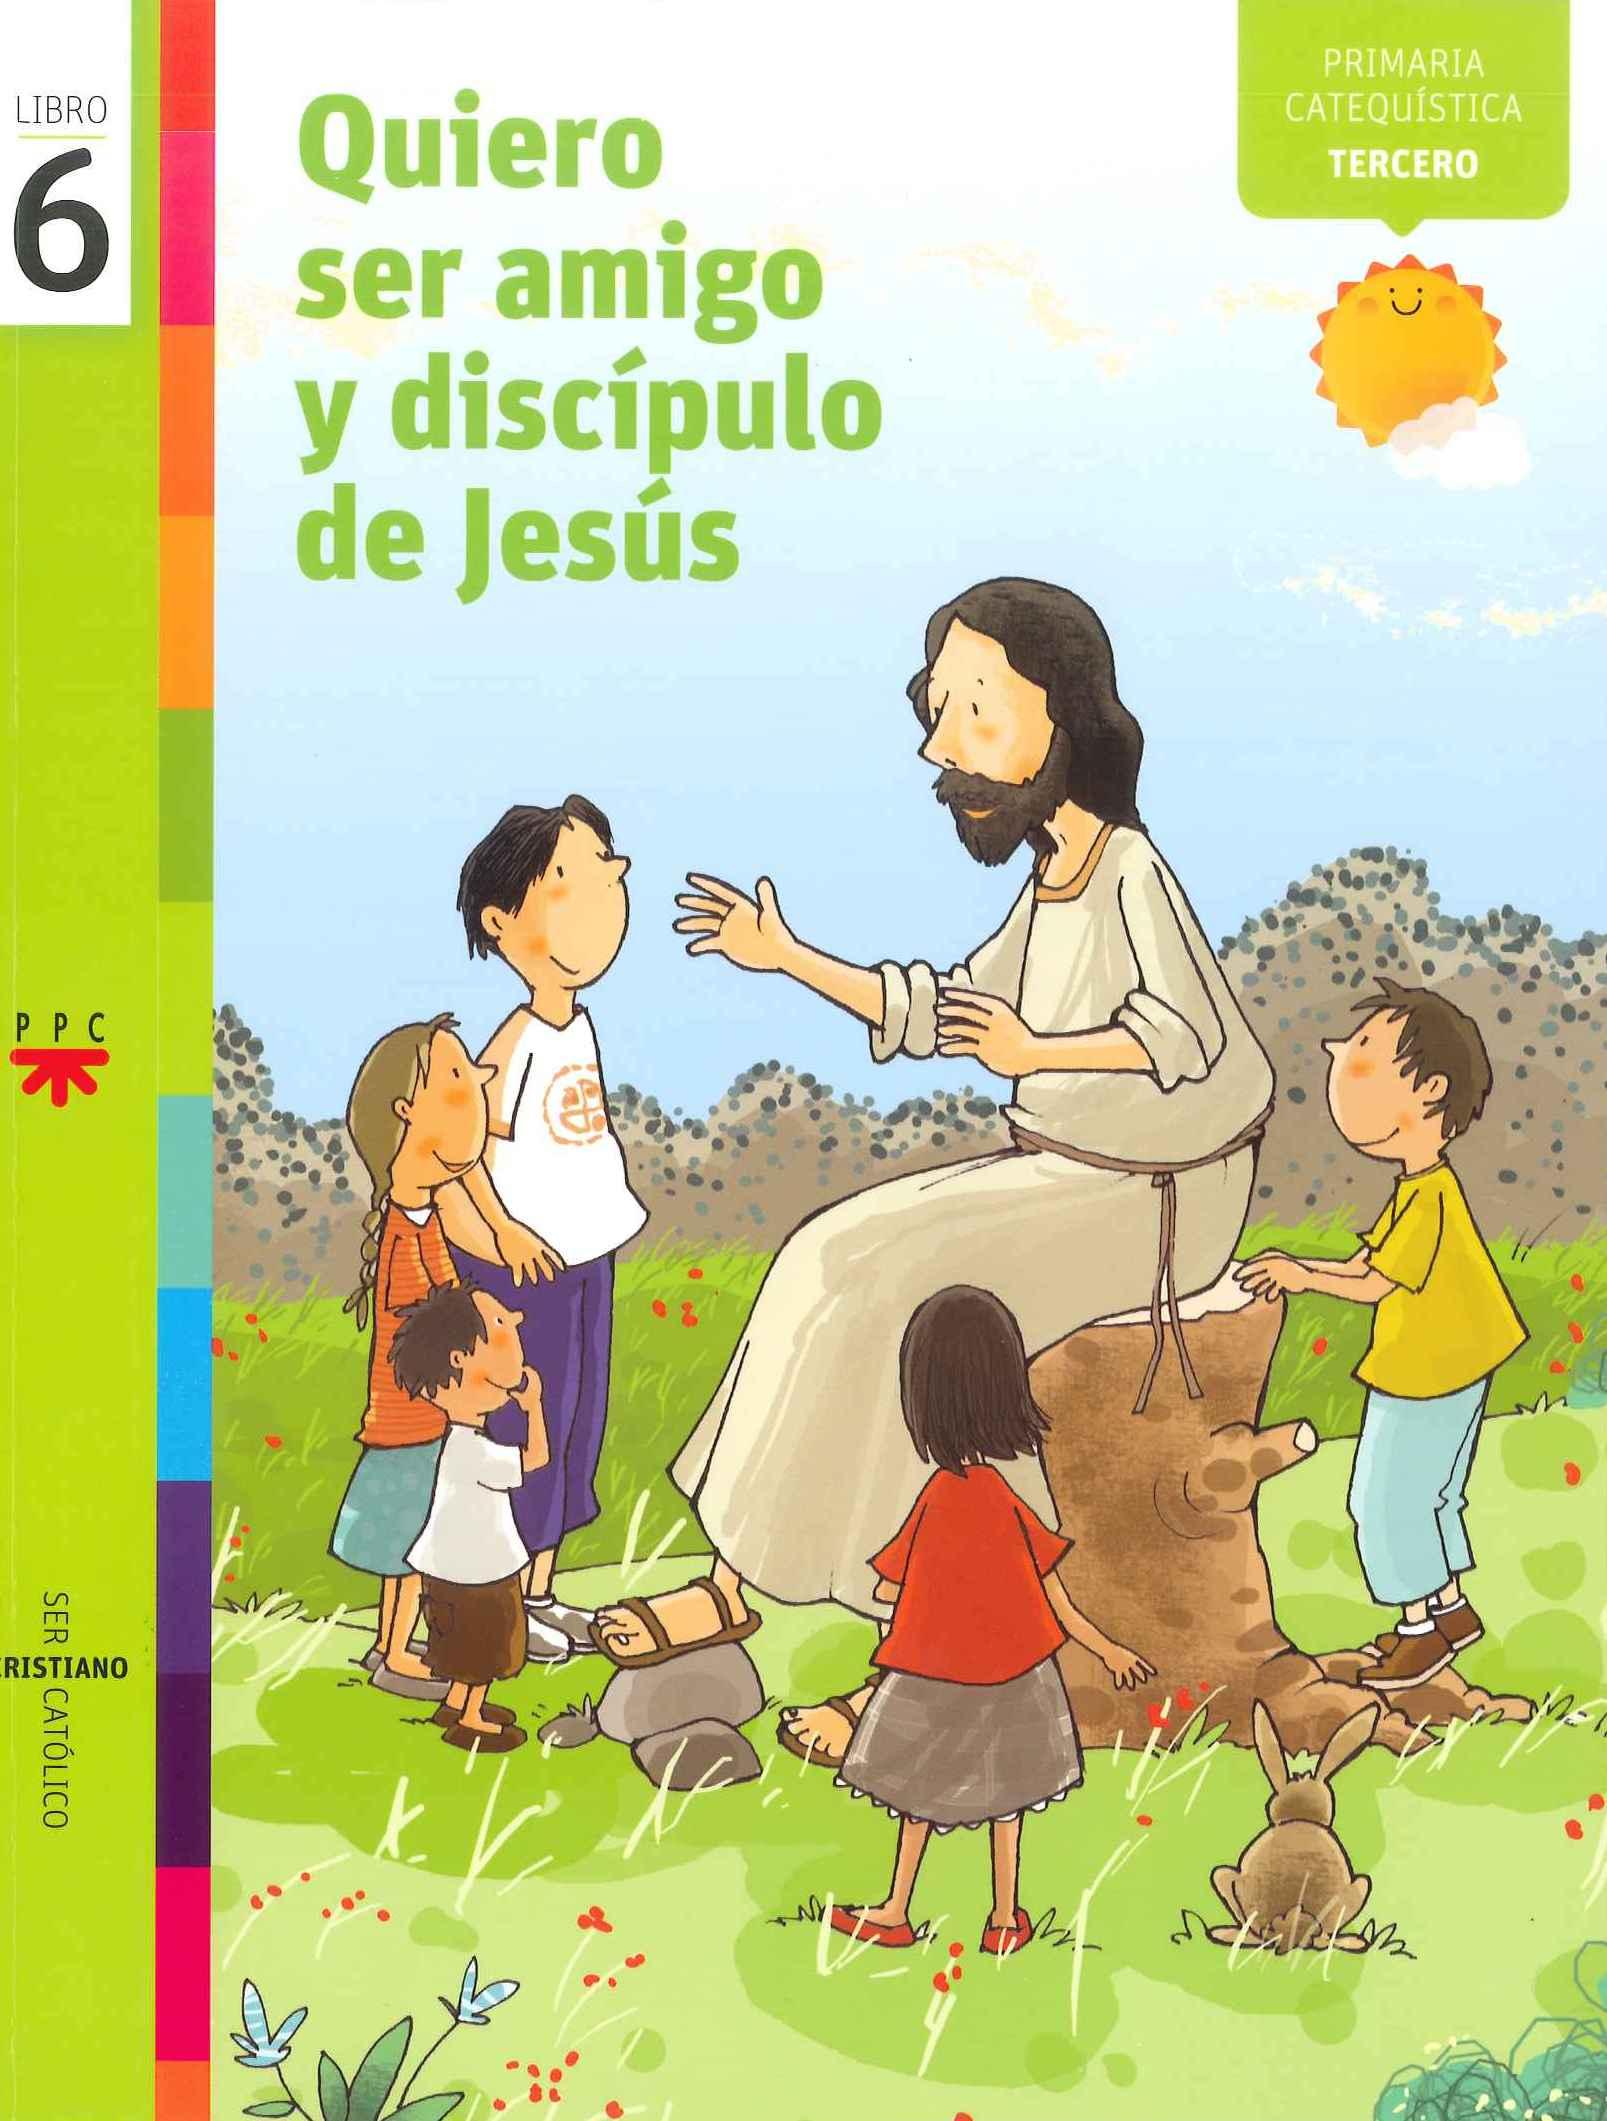 Quiero ser amigo y discípulo de Jesús, 6. Ser cristiano católico